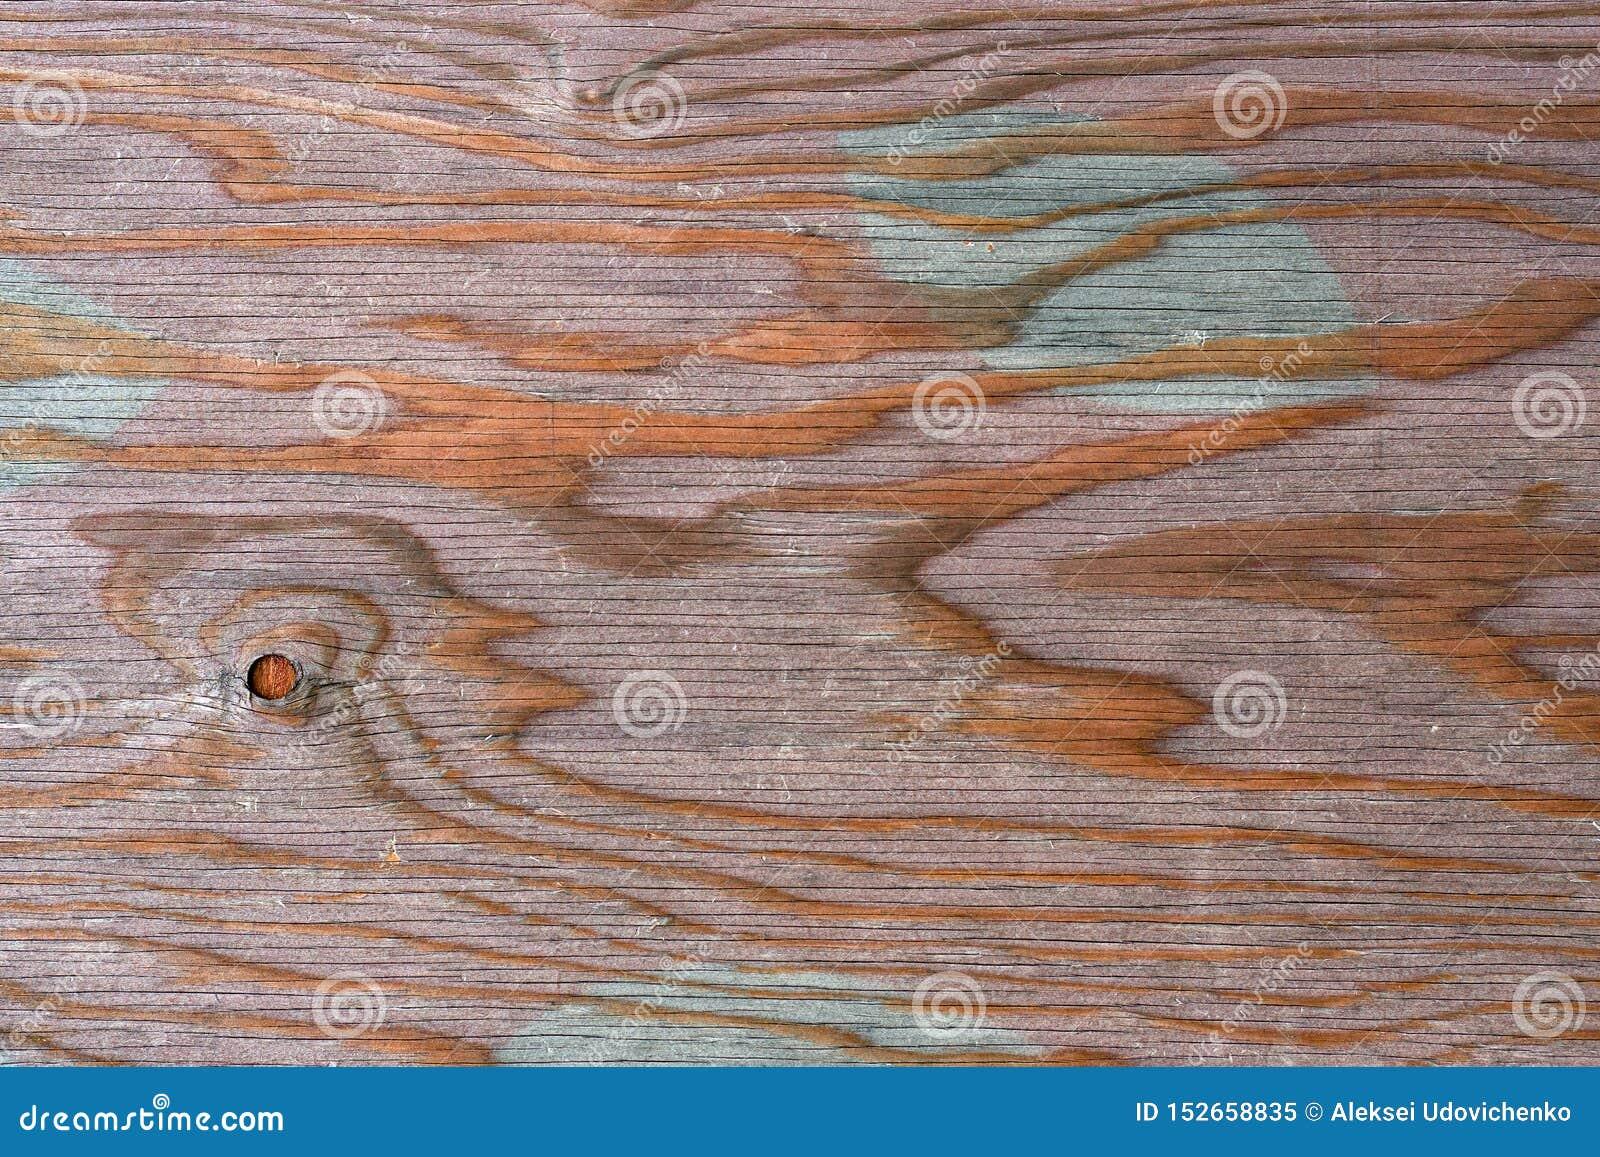 Textur av naturligt trä som målas med målarfärg